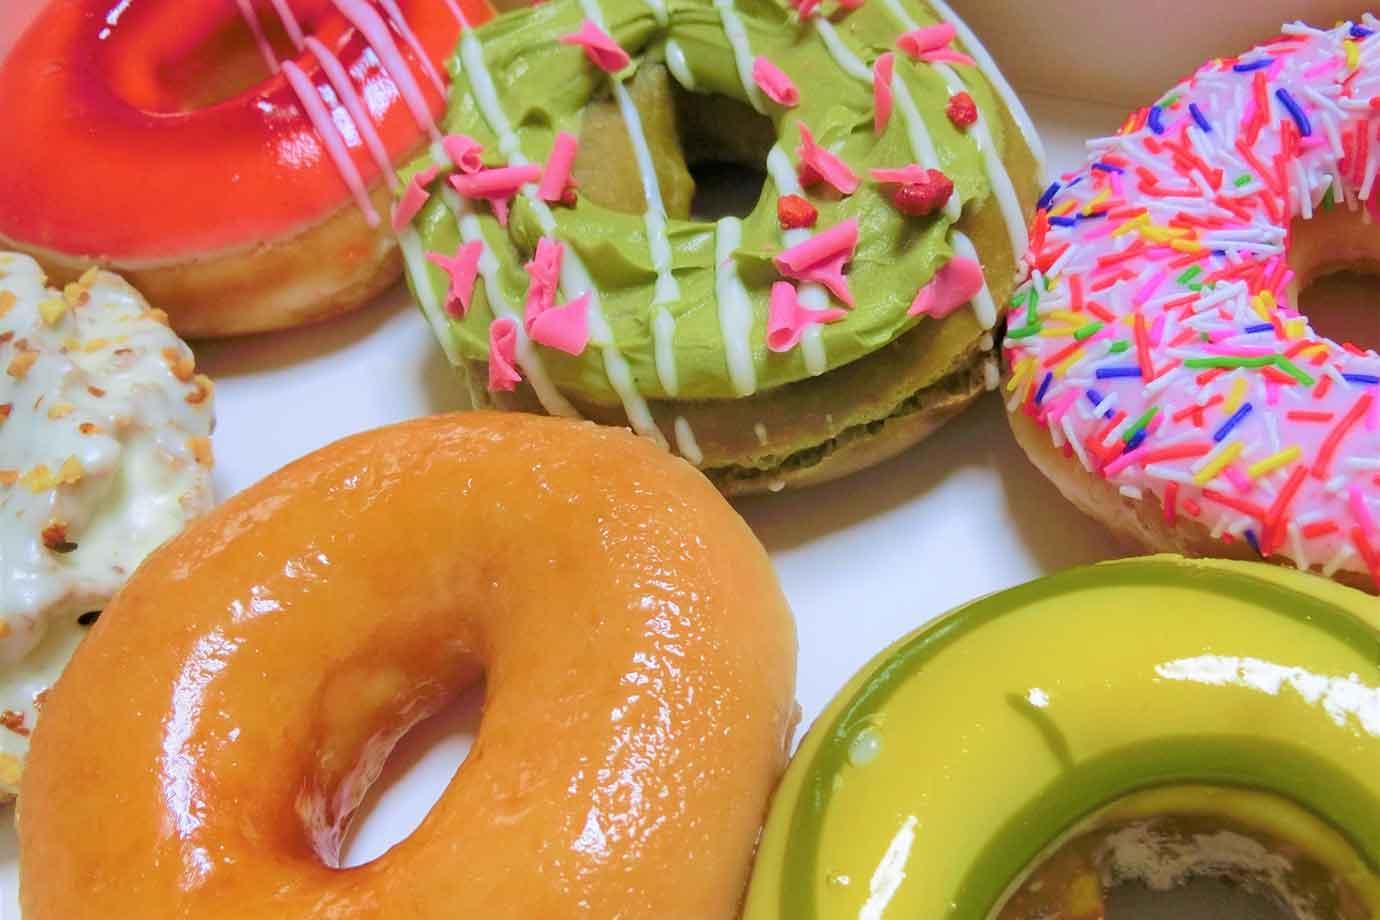 疲れたときやイライラした時に甘い物を食べると、心が落ち着いたり、幸せな気持ちになったりしますよね